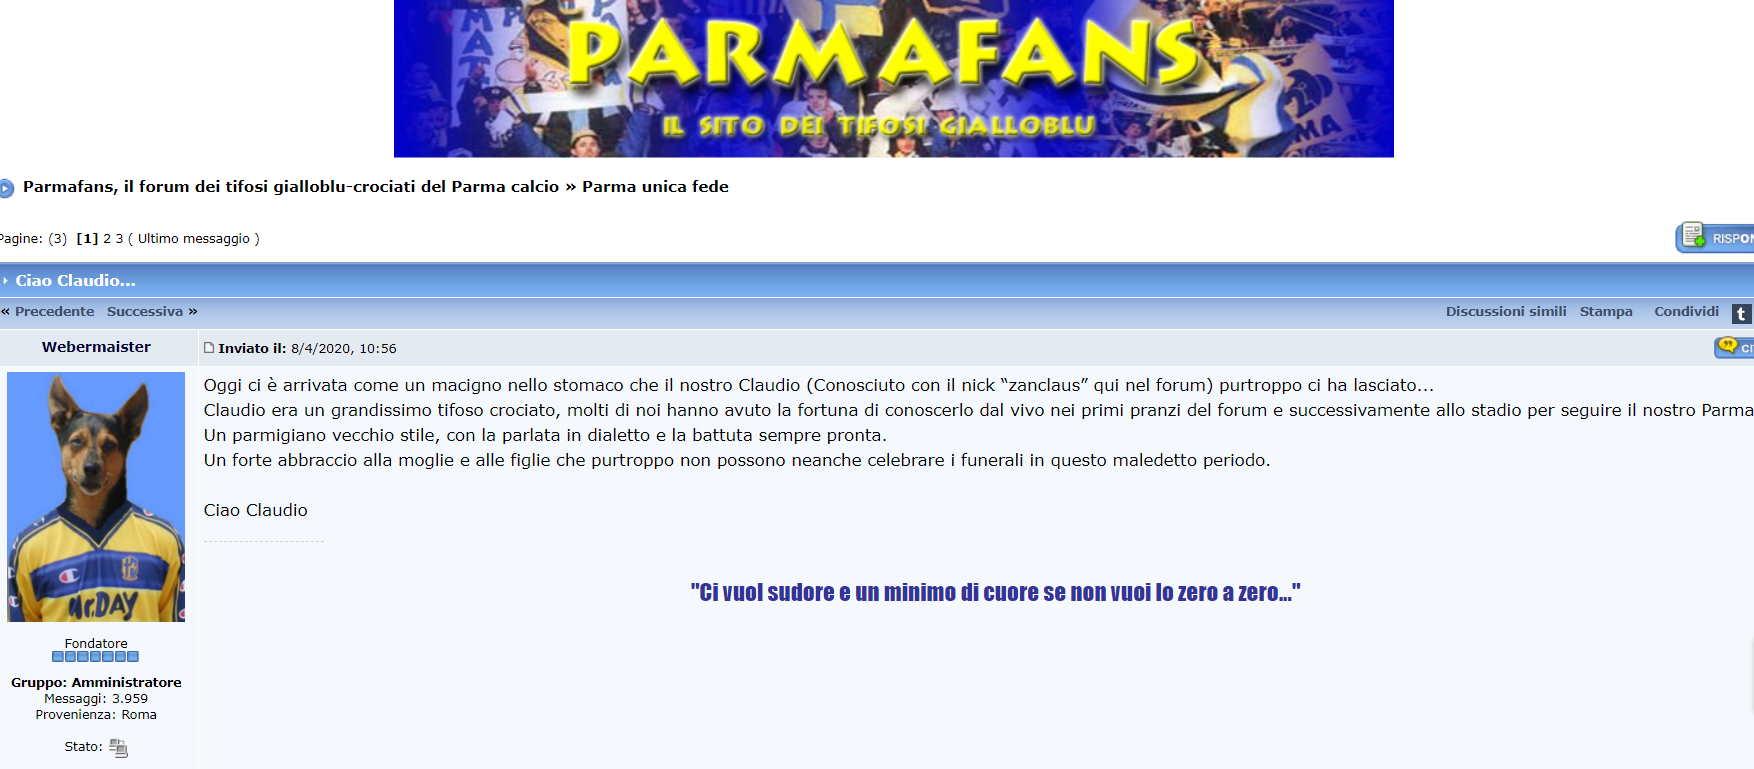 PARMAFANS ZANCLAUS